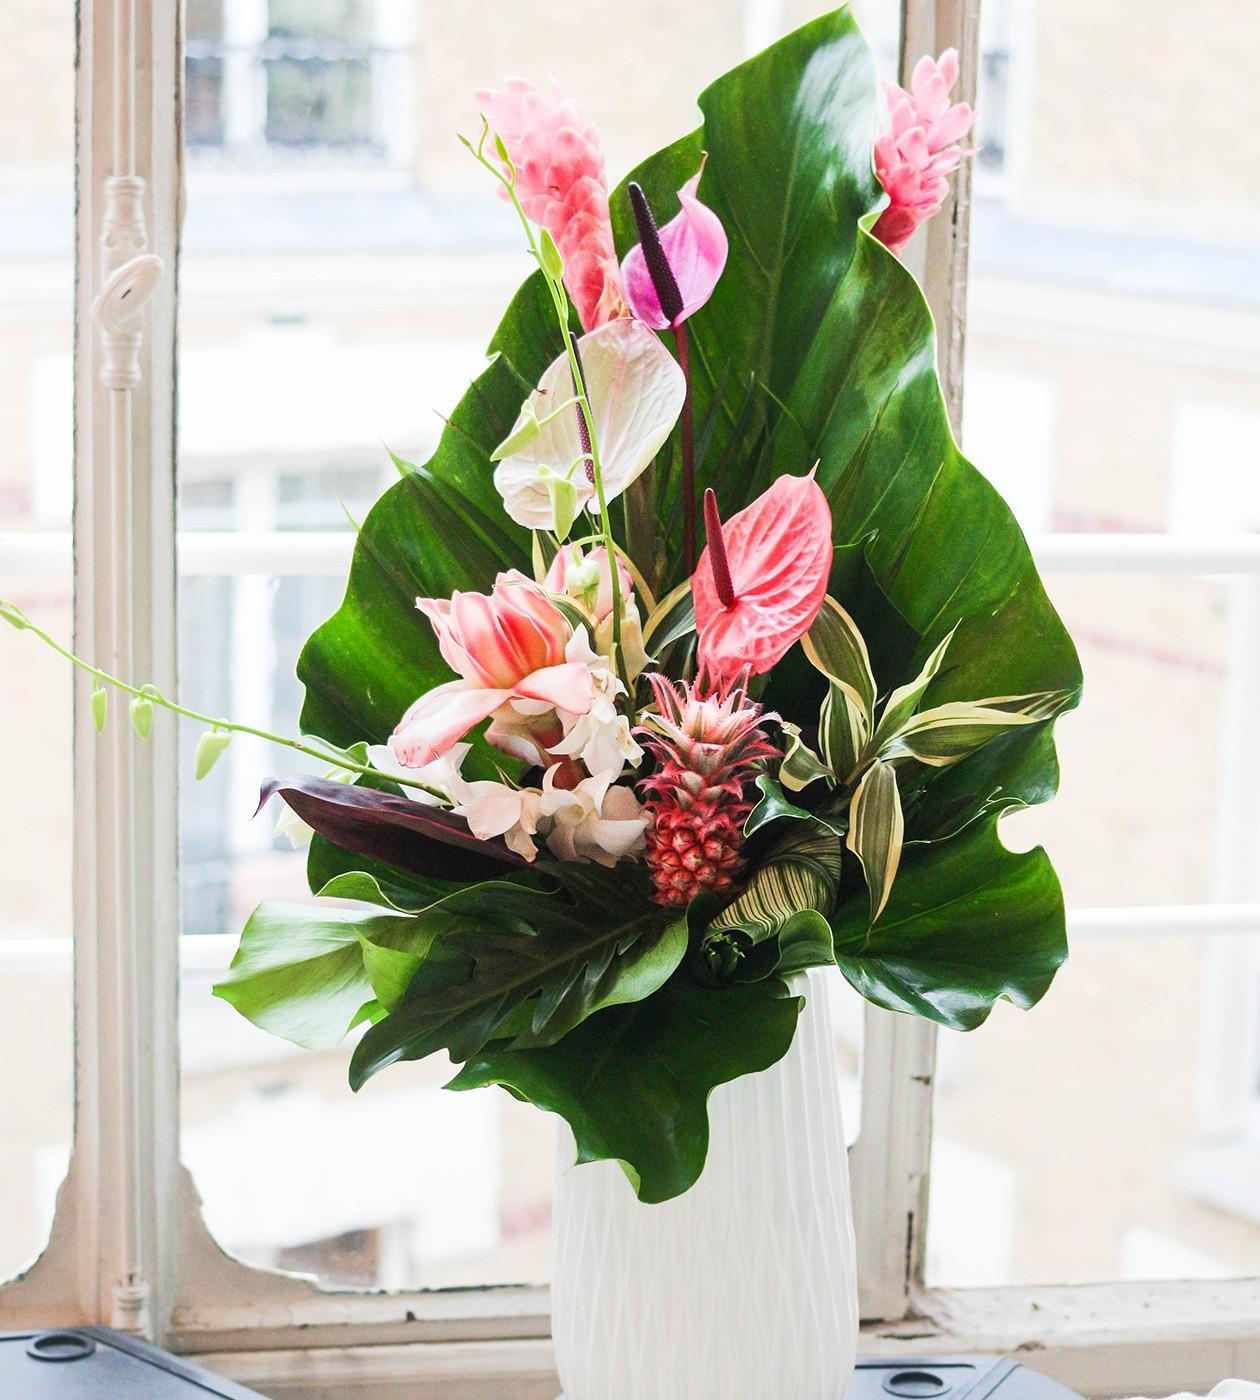 bouquets de fleurs exotiques chics et atypiques